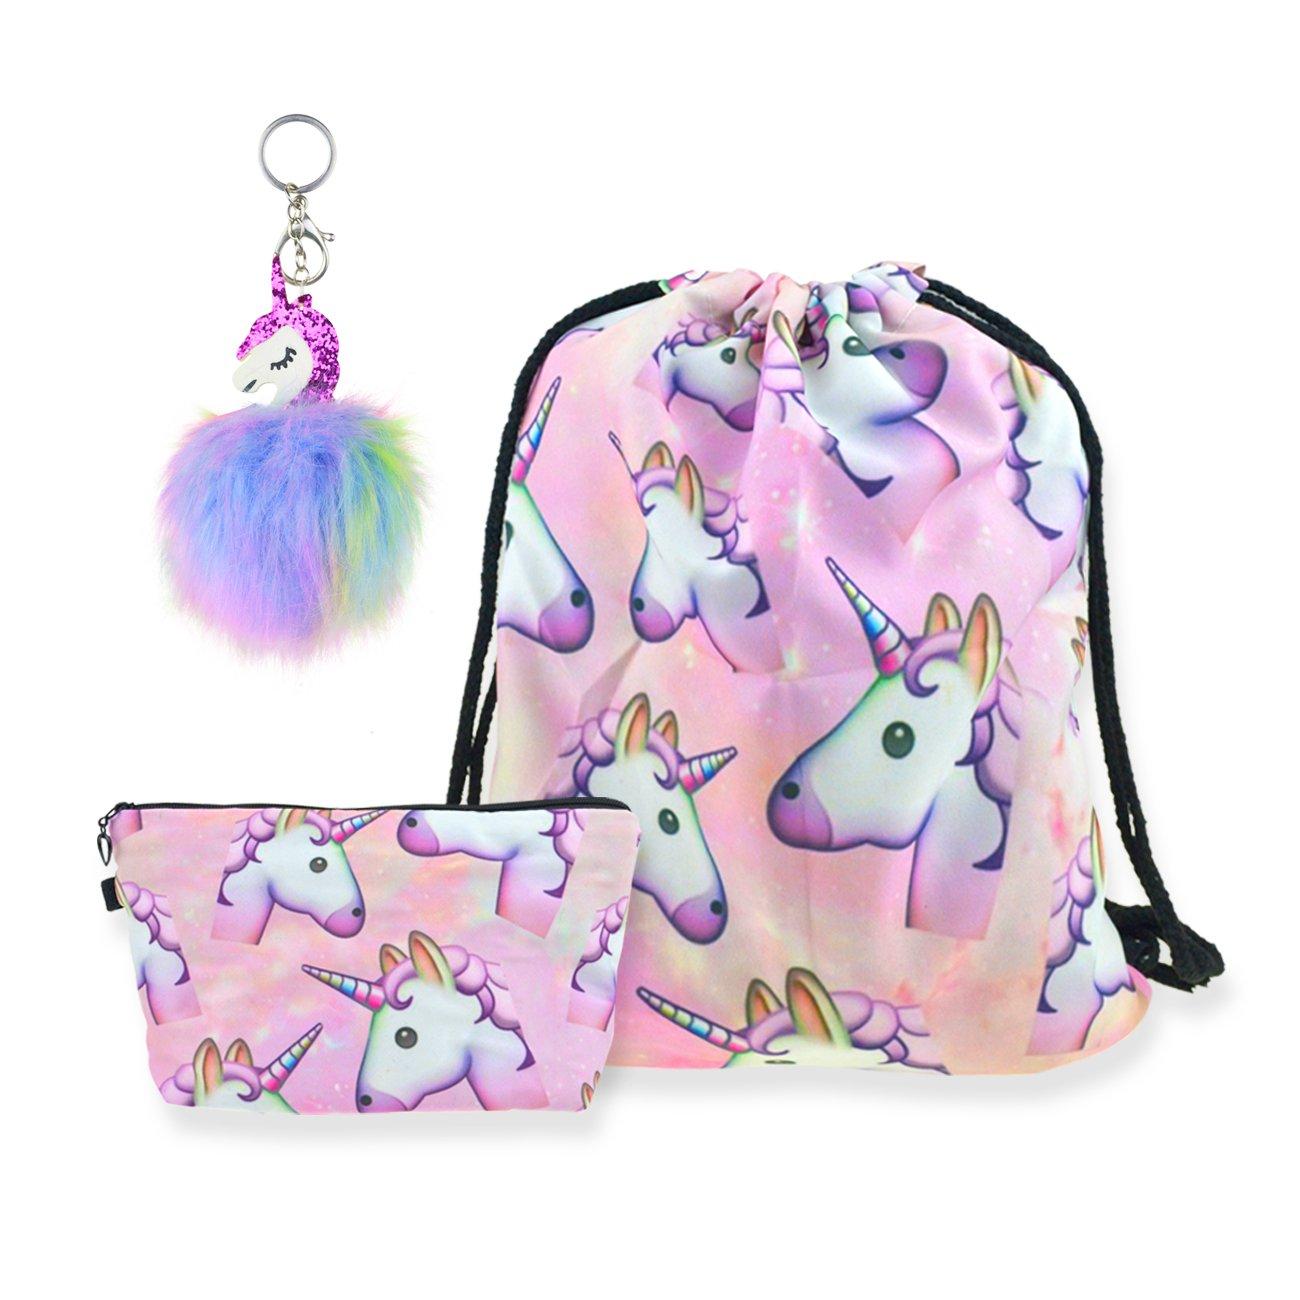 DRESHOW 3 Pack Unicorn Drawstring Backpack/Make up Bag/Fluffy Key Chain Pendant Key Ring for Girls